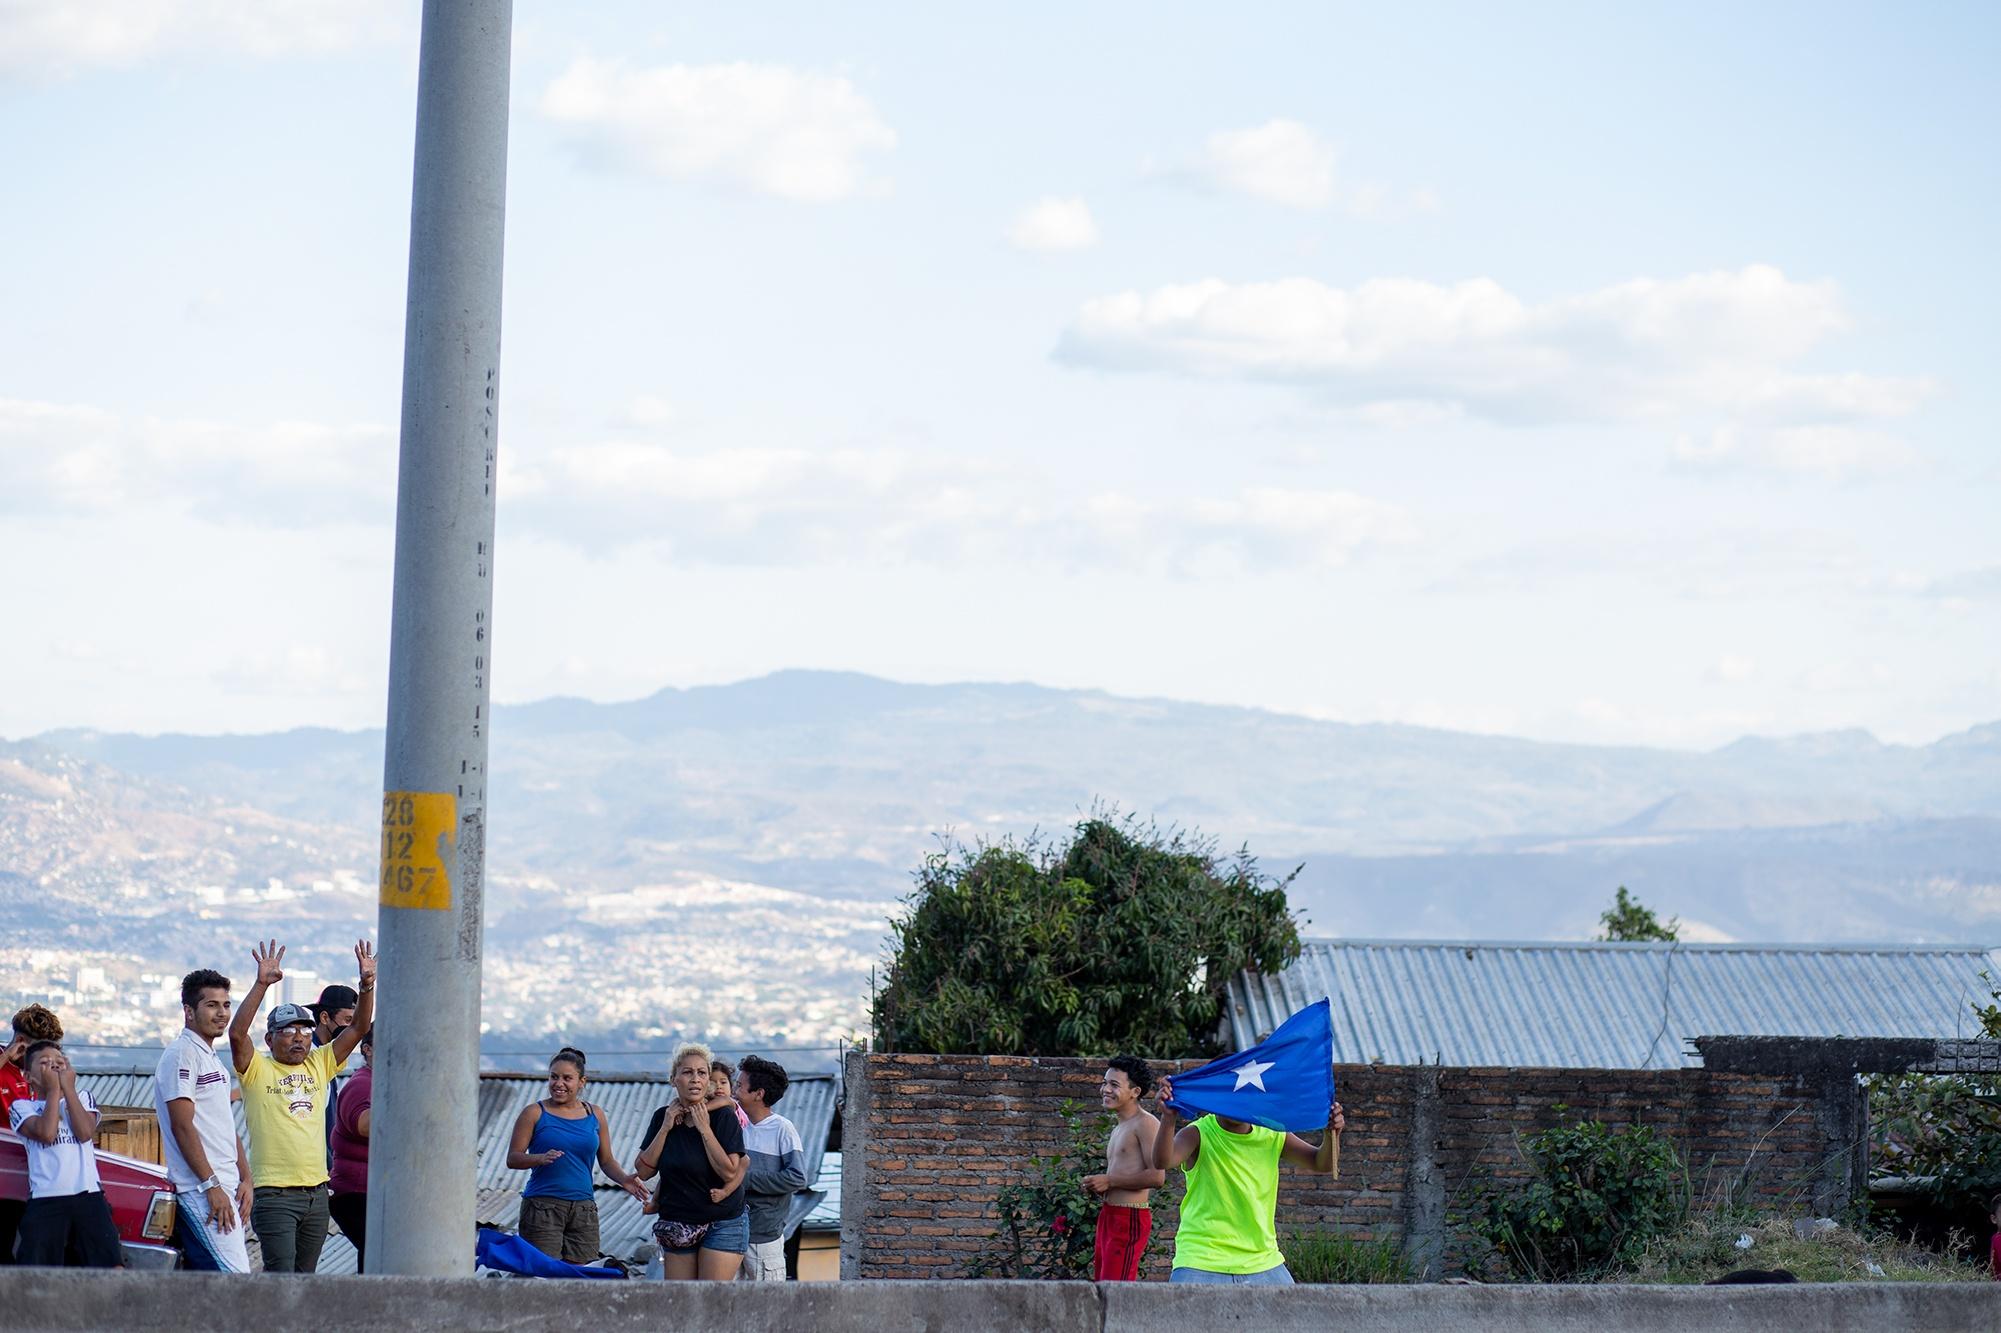 Una familia simpatizante del Partido Nacional de Honduras saca la bandera del partido y todos levantan las manos gritando «cuatro años más» cuando pasa frente a ellos una caravana del Partido Libre. Tegucigalpa, 7 de marzo de 2021. Foto: Martín Cálix.